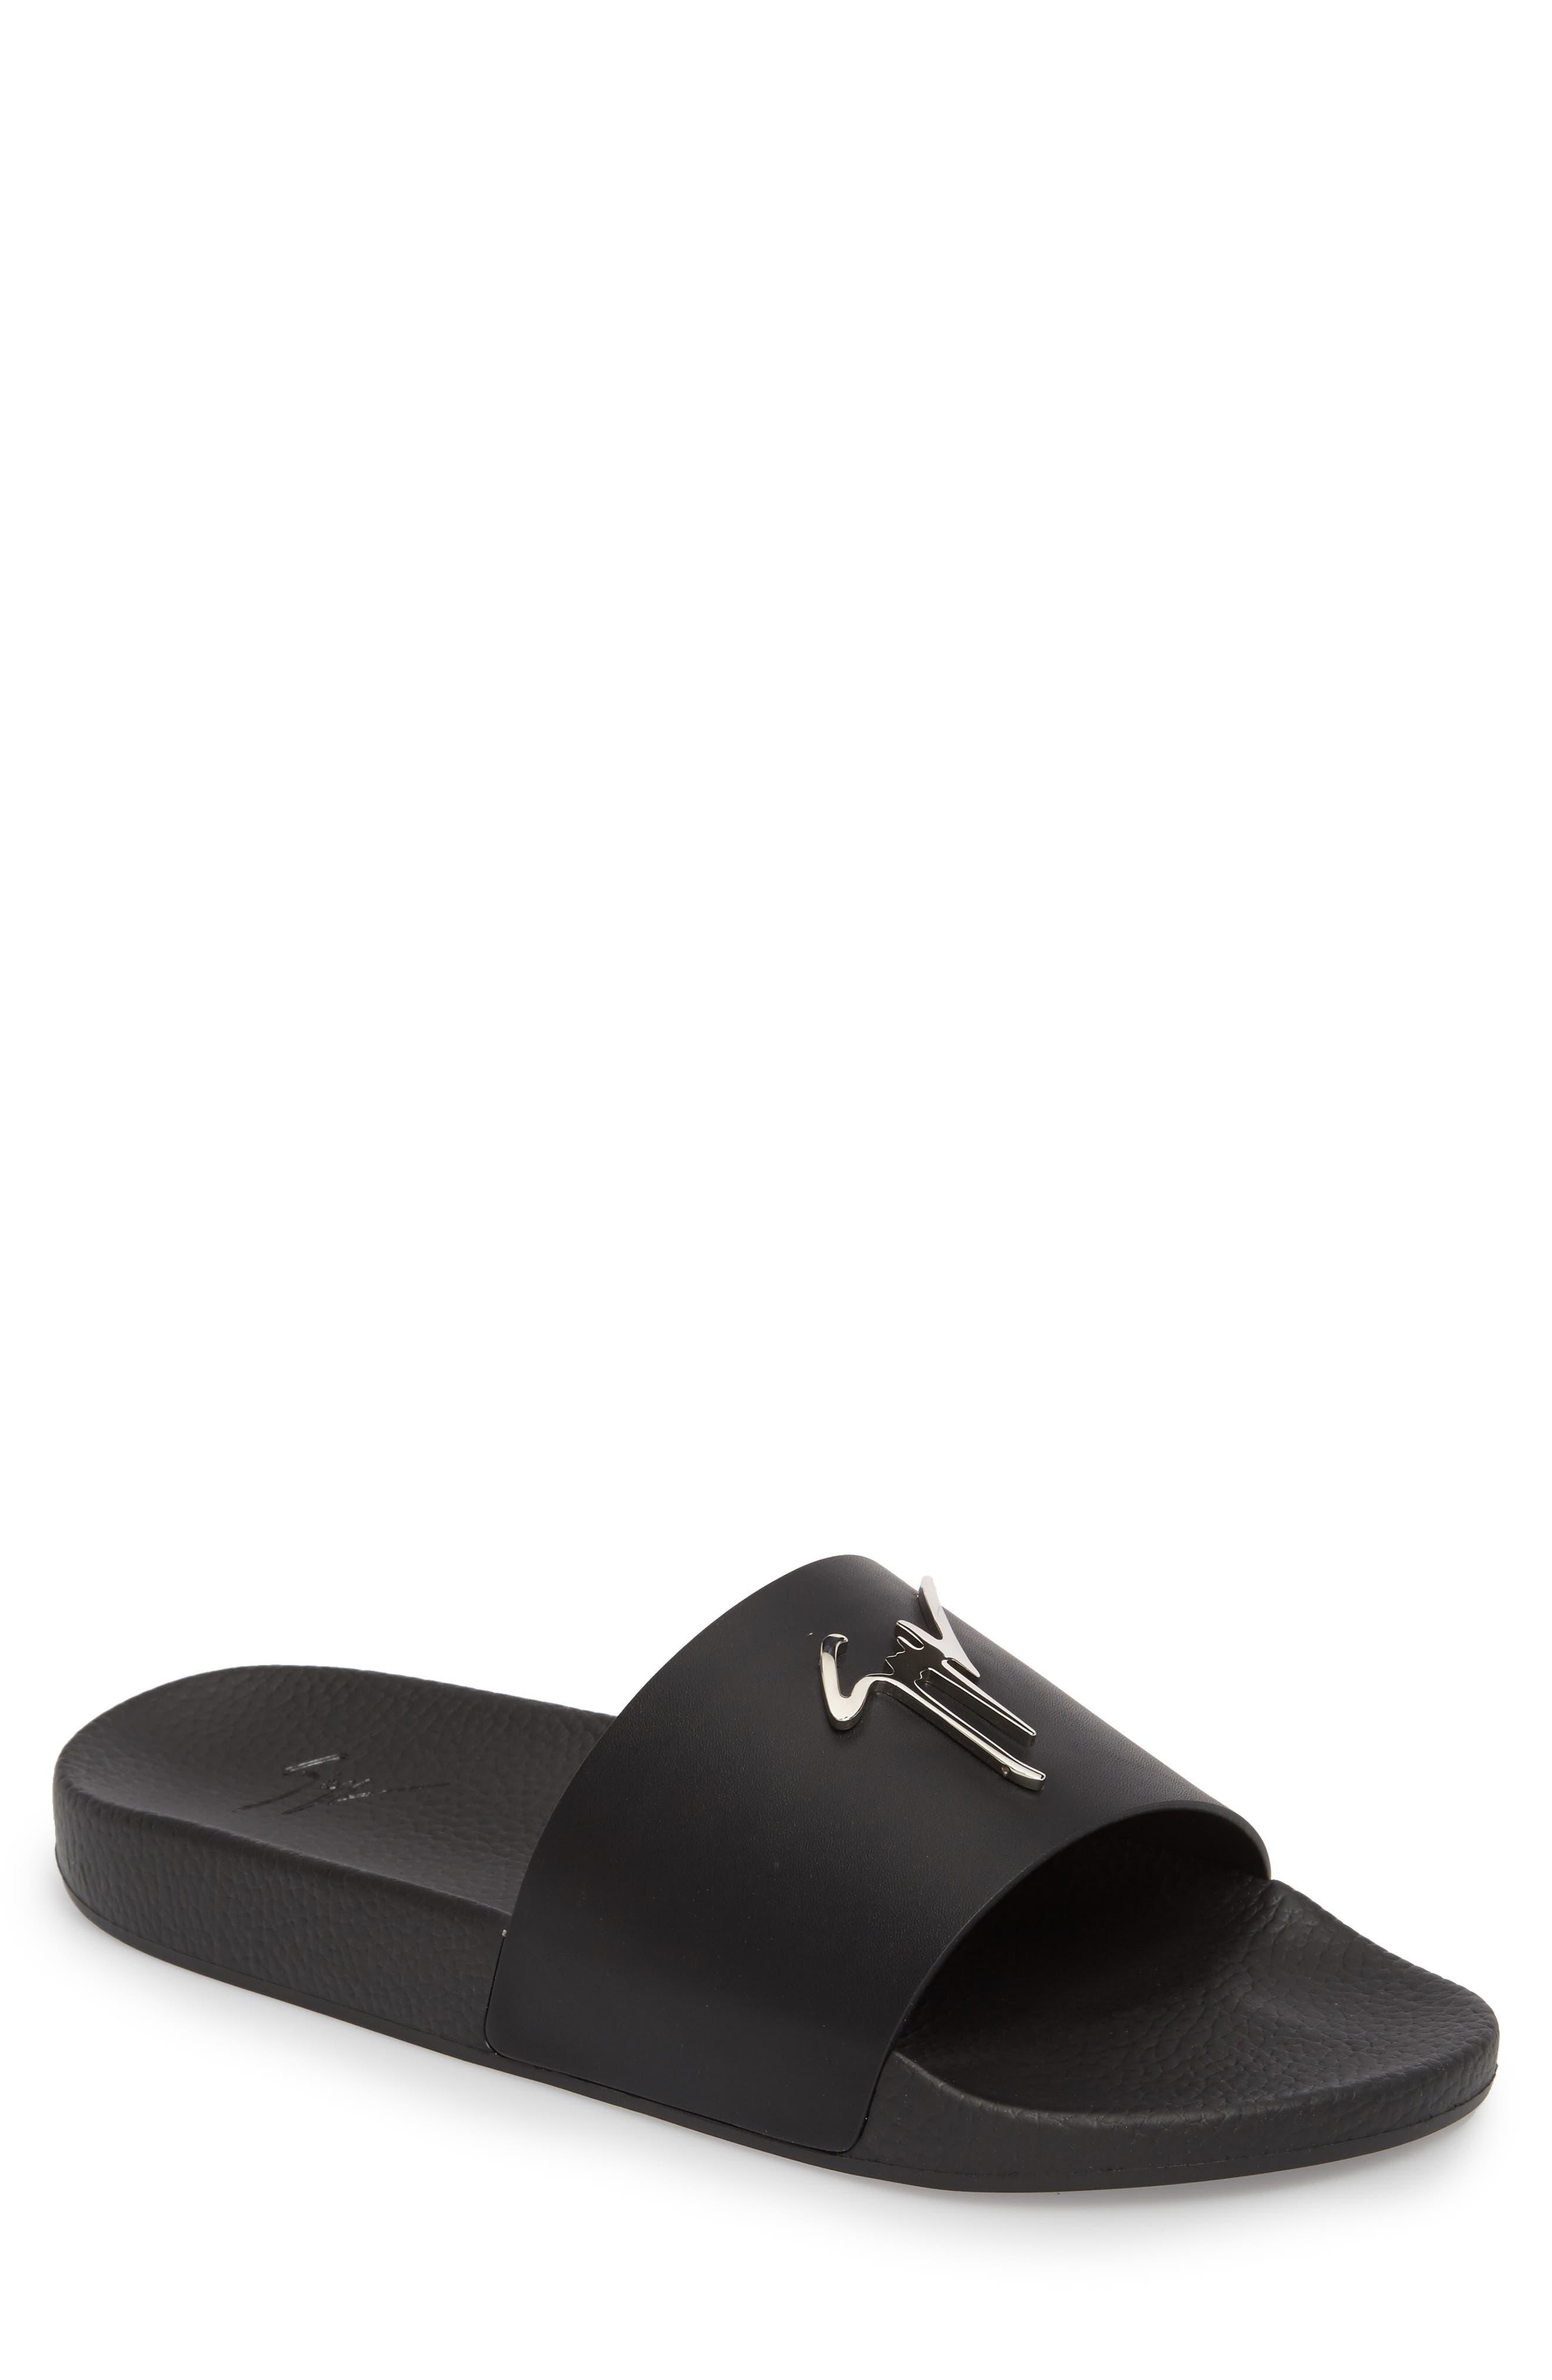 d841138d3c1 Men s Giuseppe Zanotti Designer Shoes